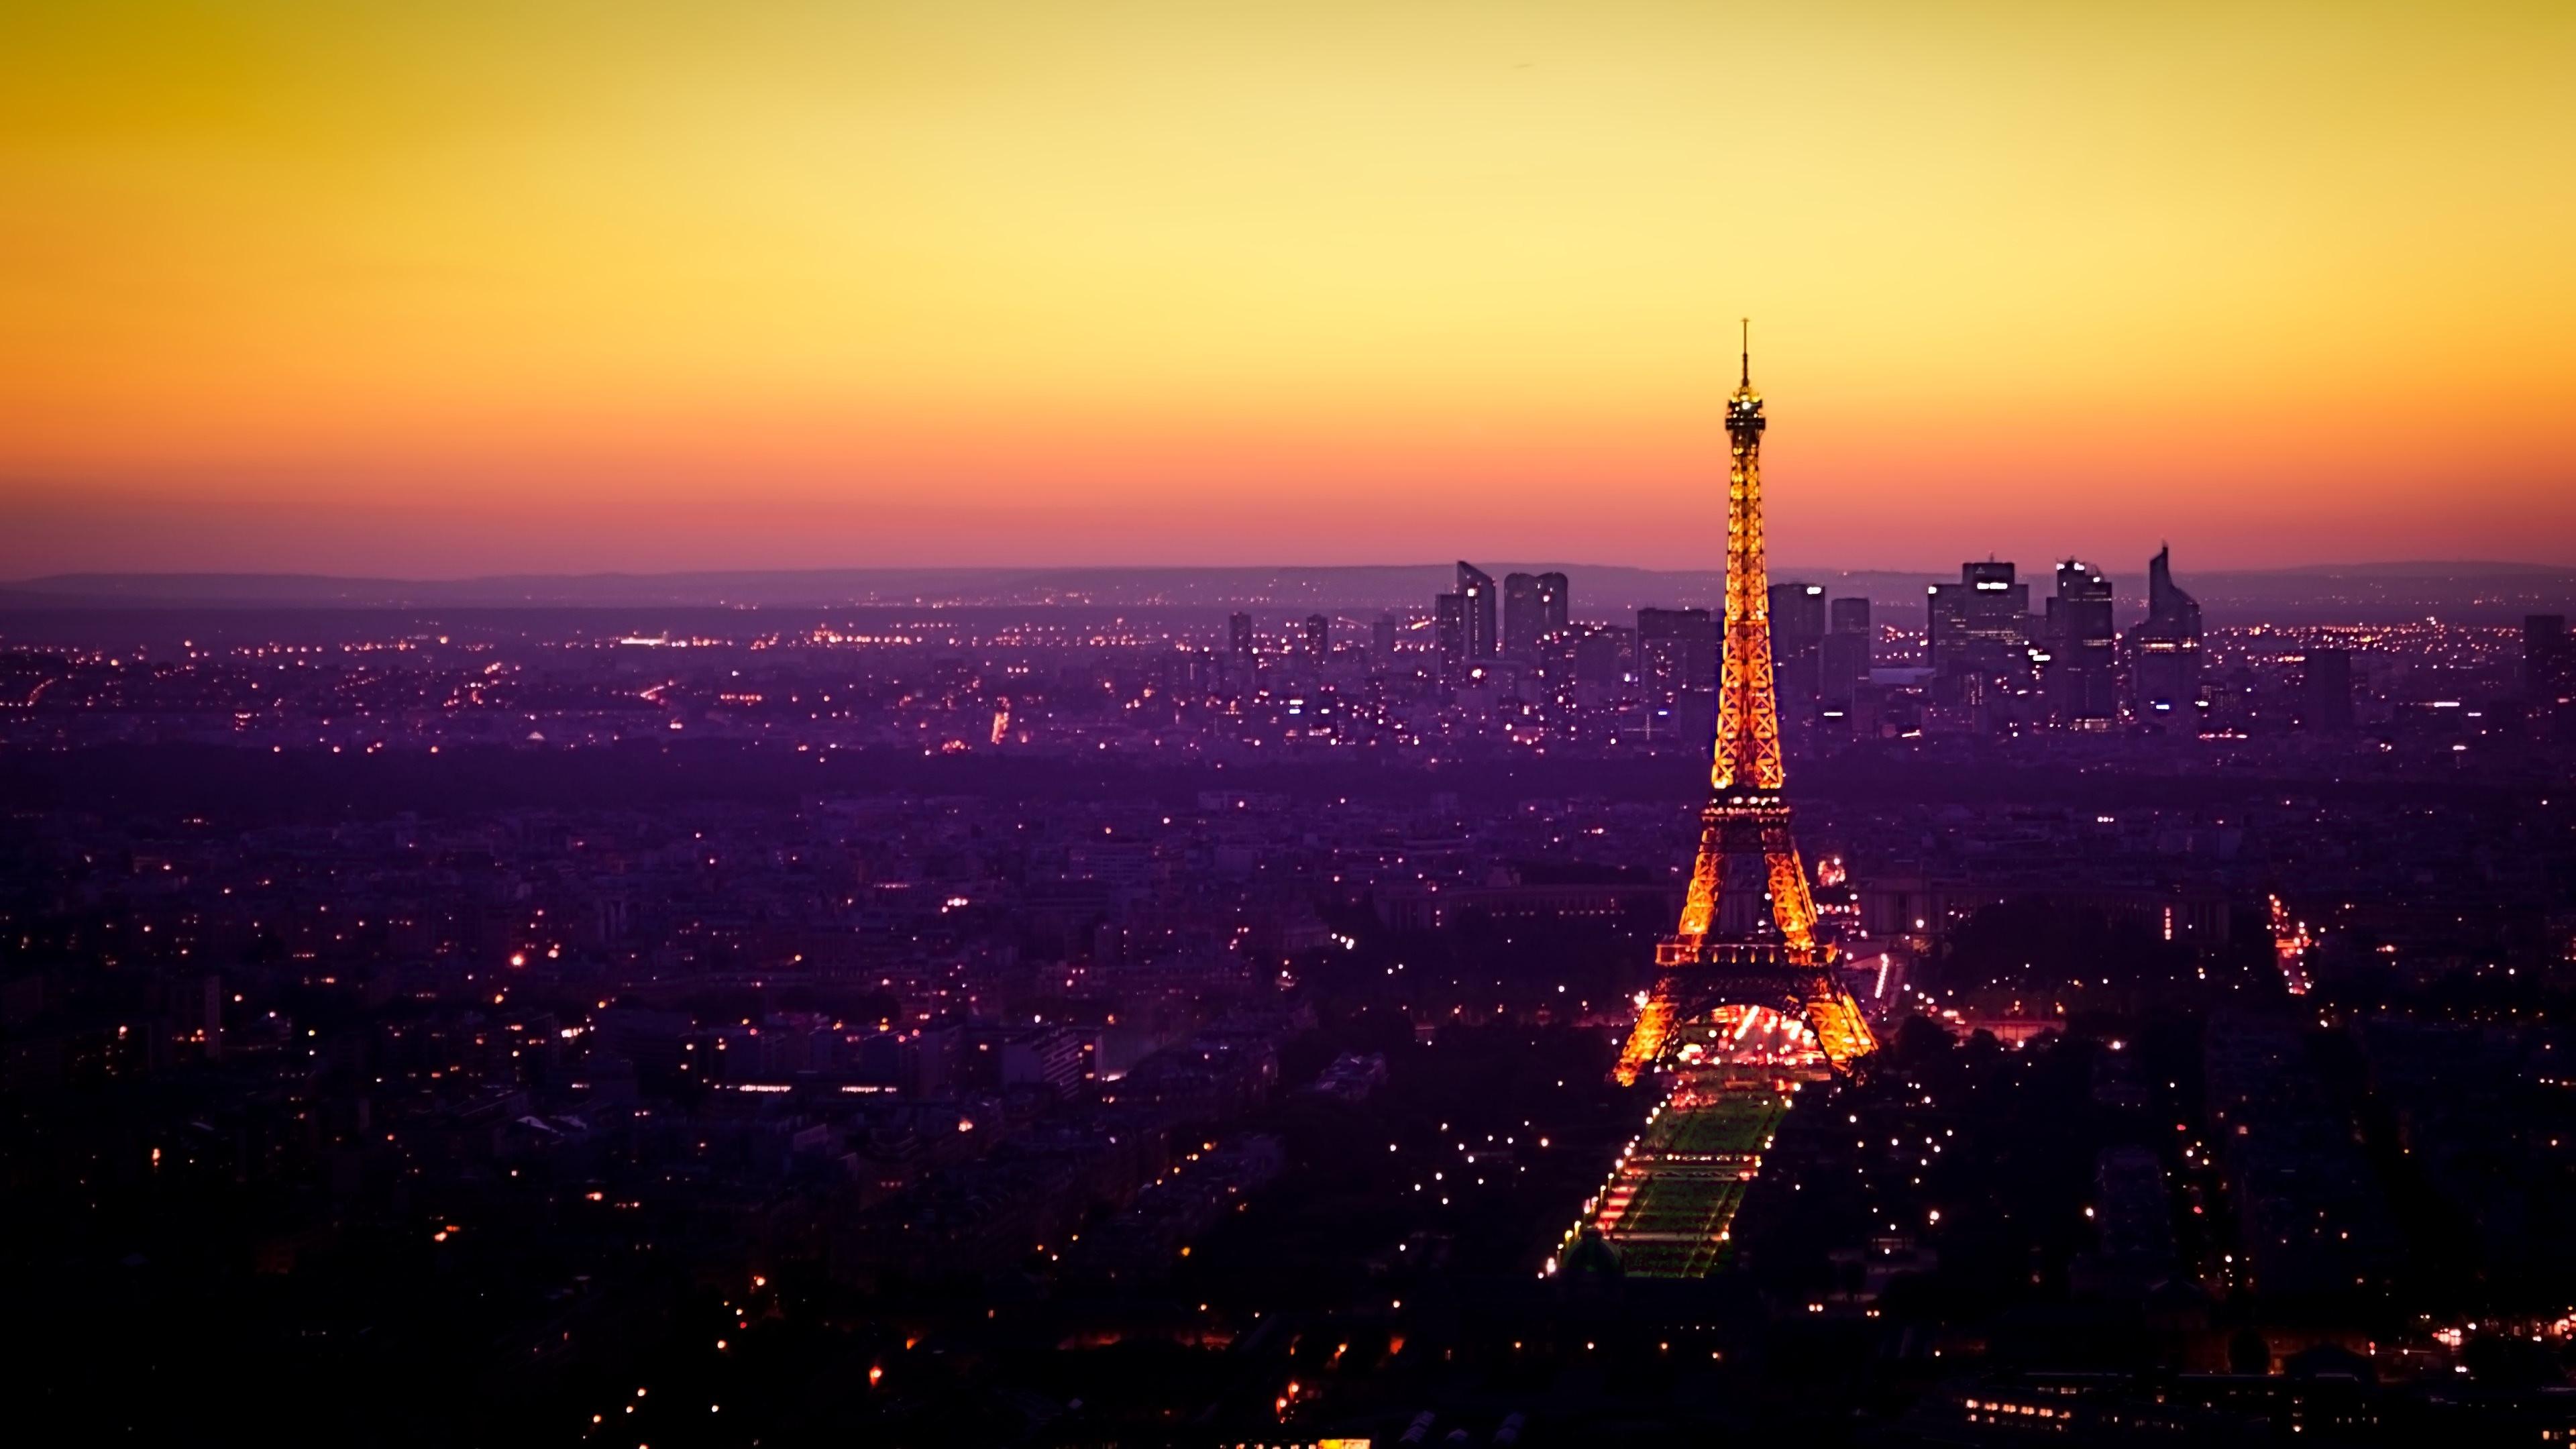 Paris Wallpaper ① Download Free Stunning Hd Wallpapers Of Paris